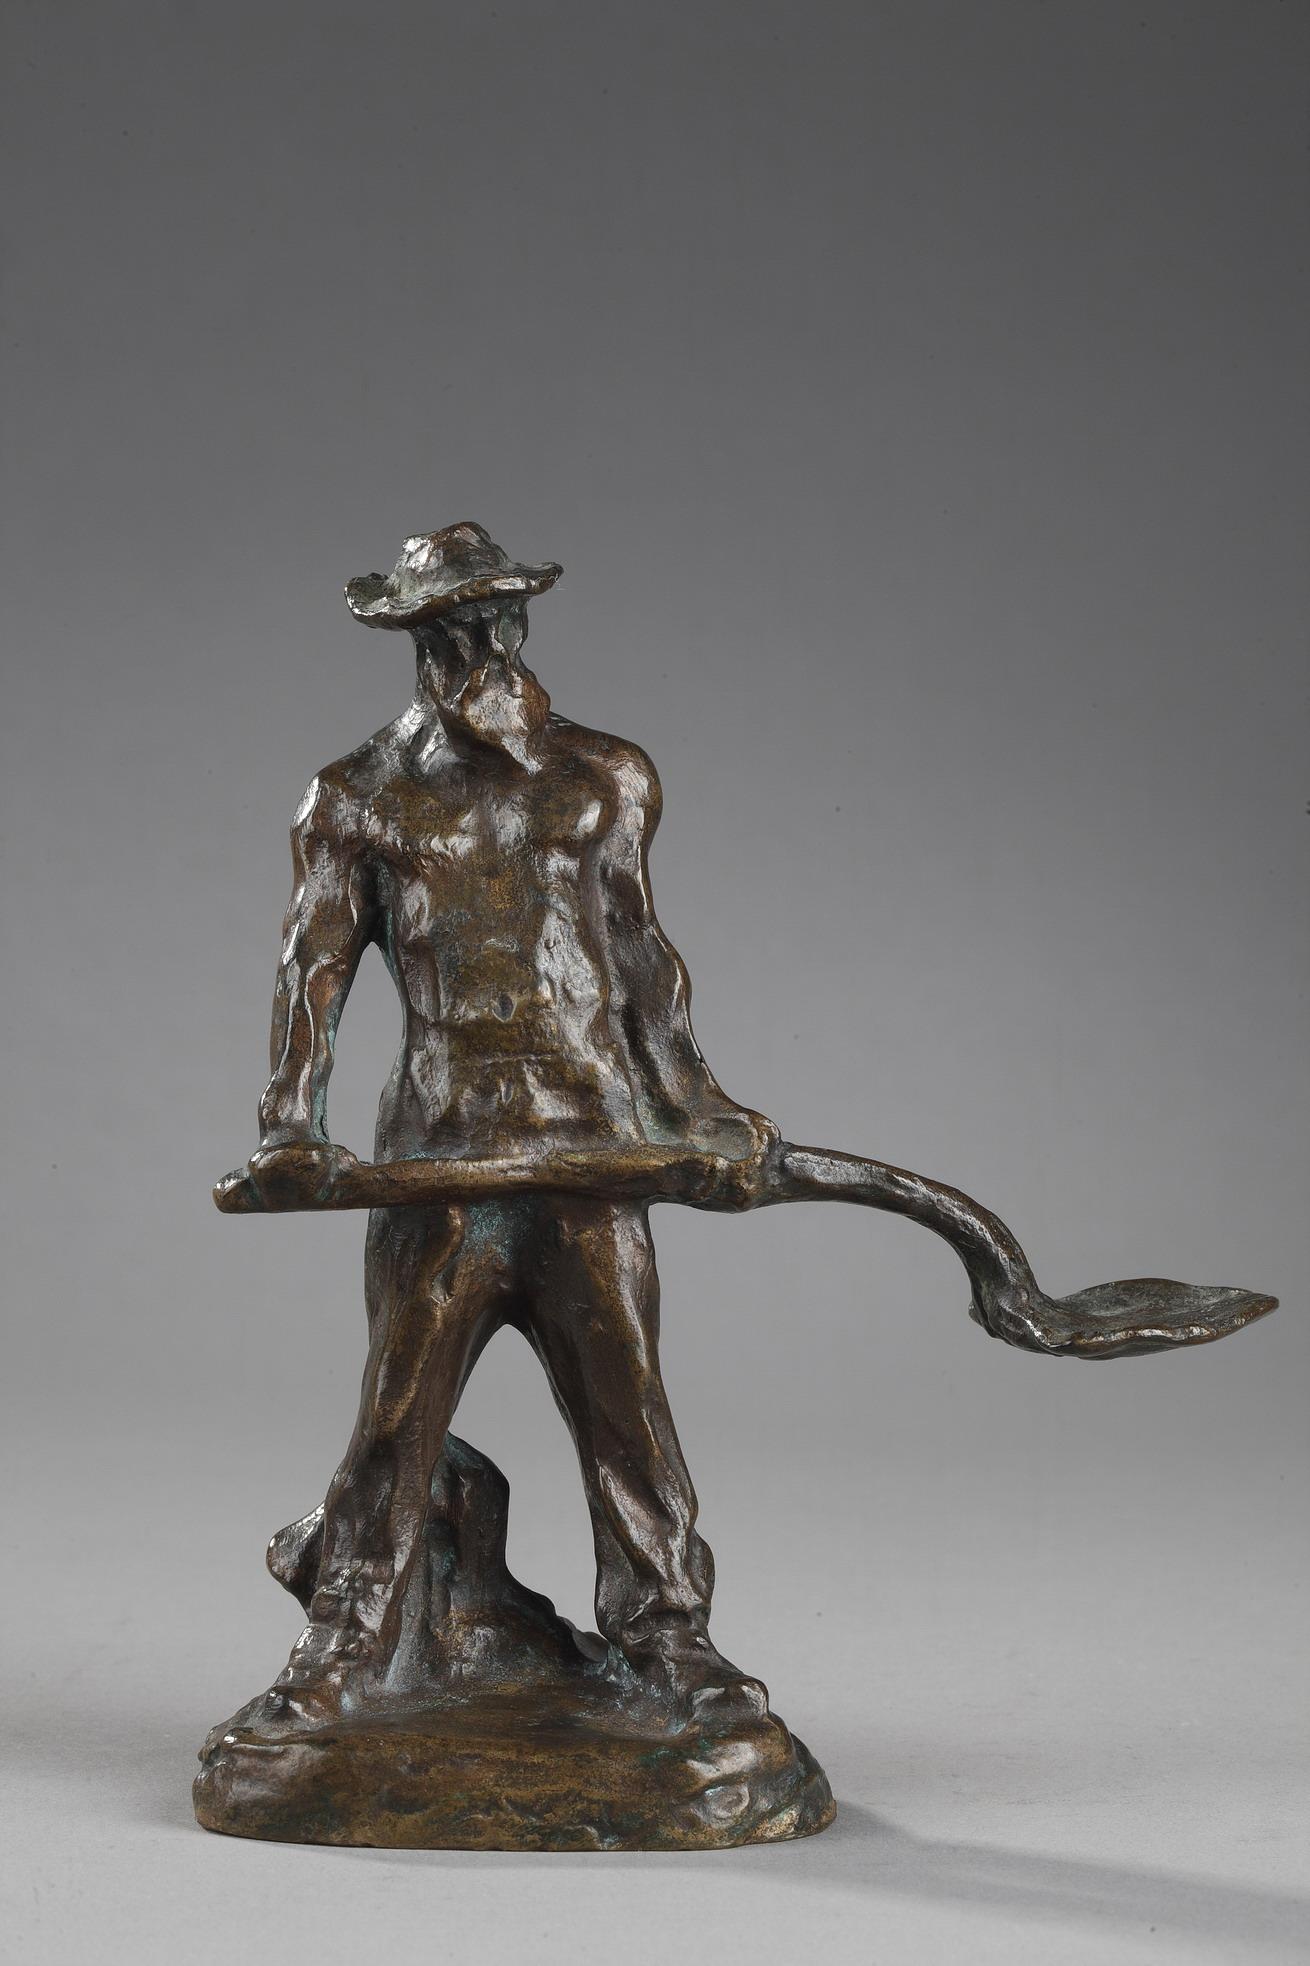 """Jules Dalou (1838-1902), """"Terrassier"""", bronze à patine brun foncé, fonte ancienne, haut. 14 cm, sculptures - galerie Tourbillon, Paris"""